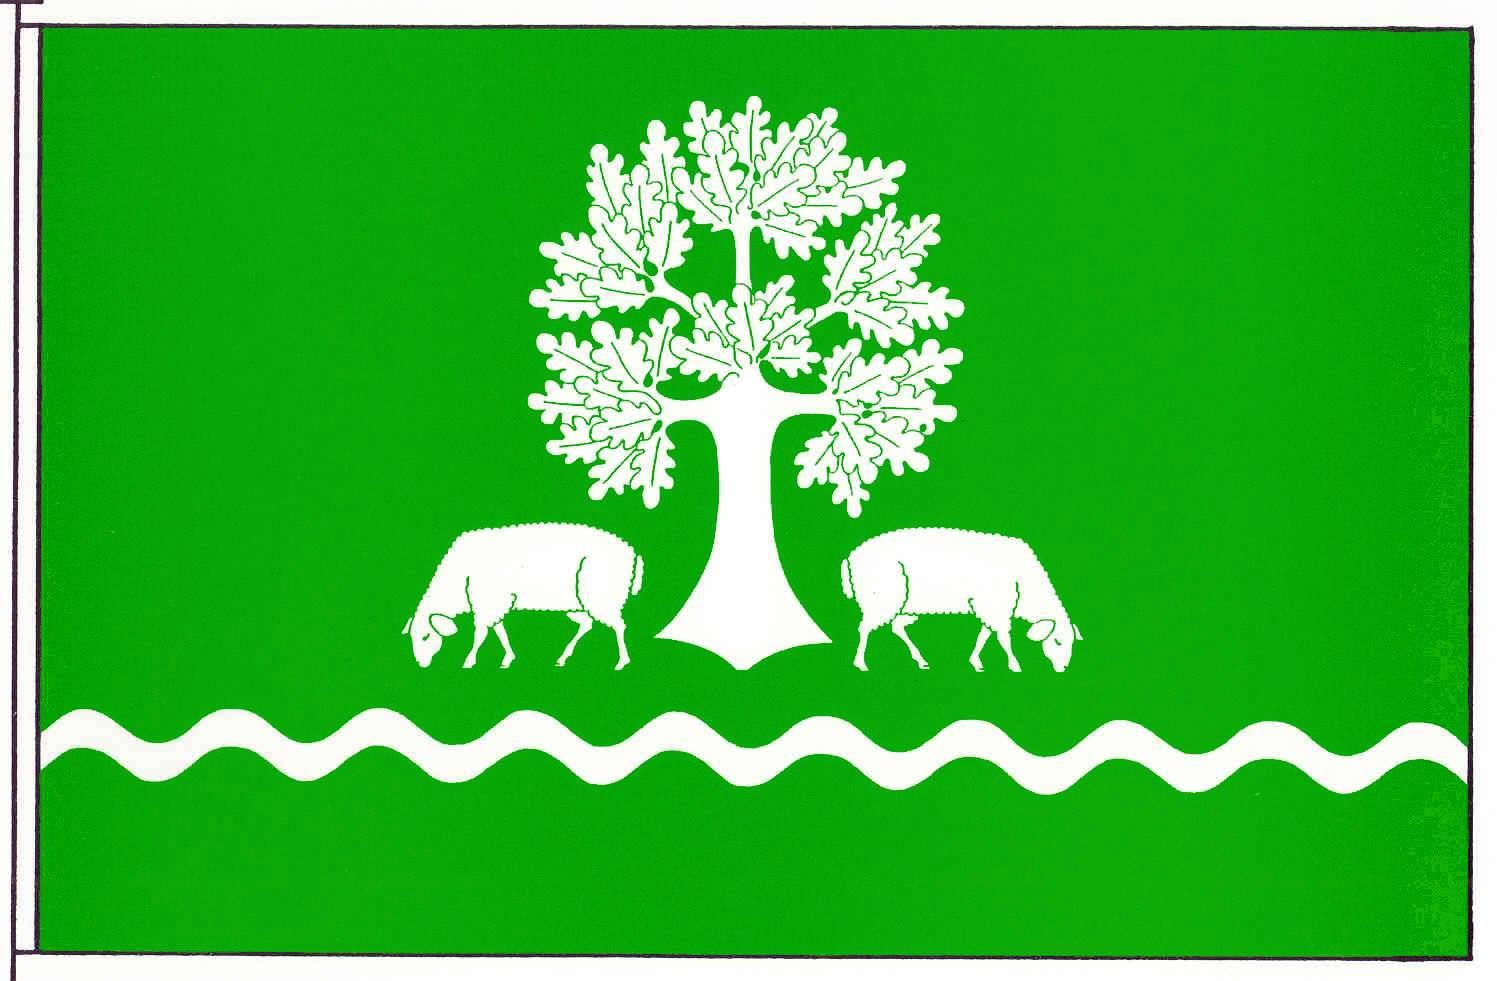 Flagge GemeindeSchafstedt, Kreis Dithmarschen